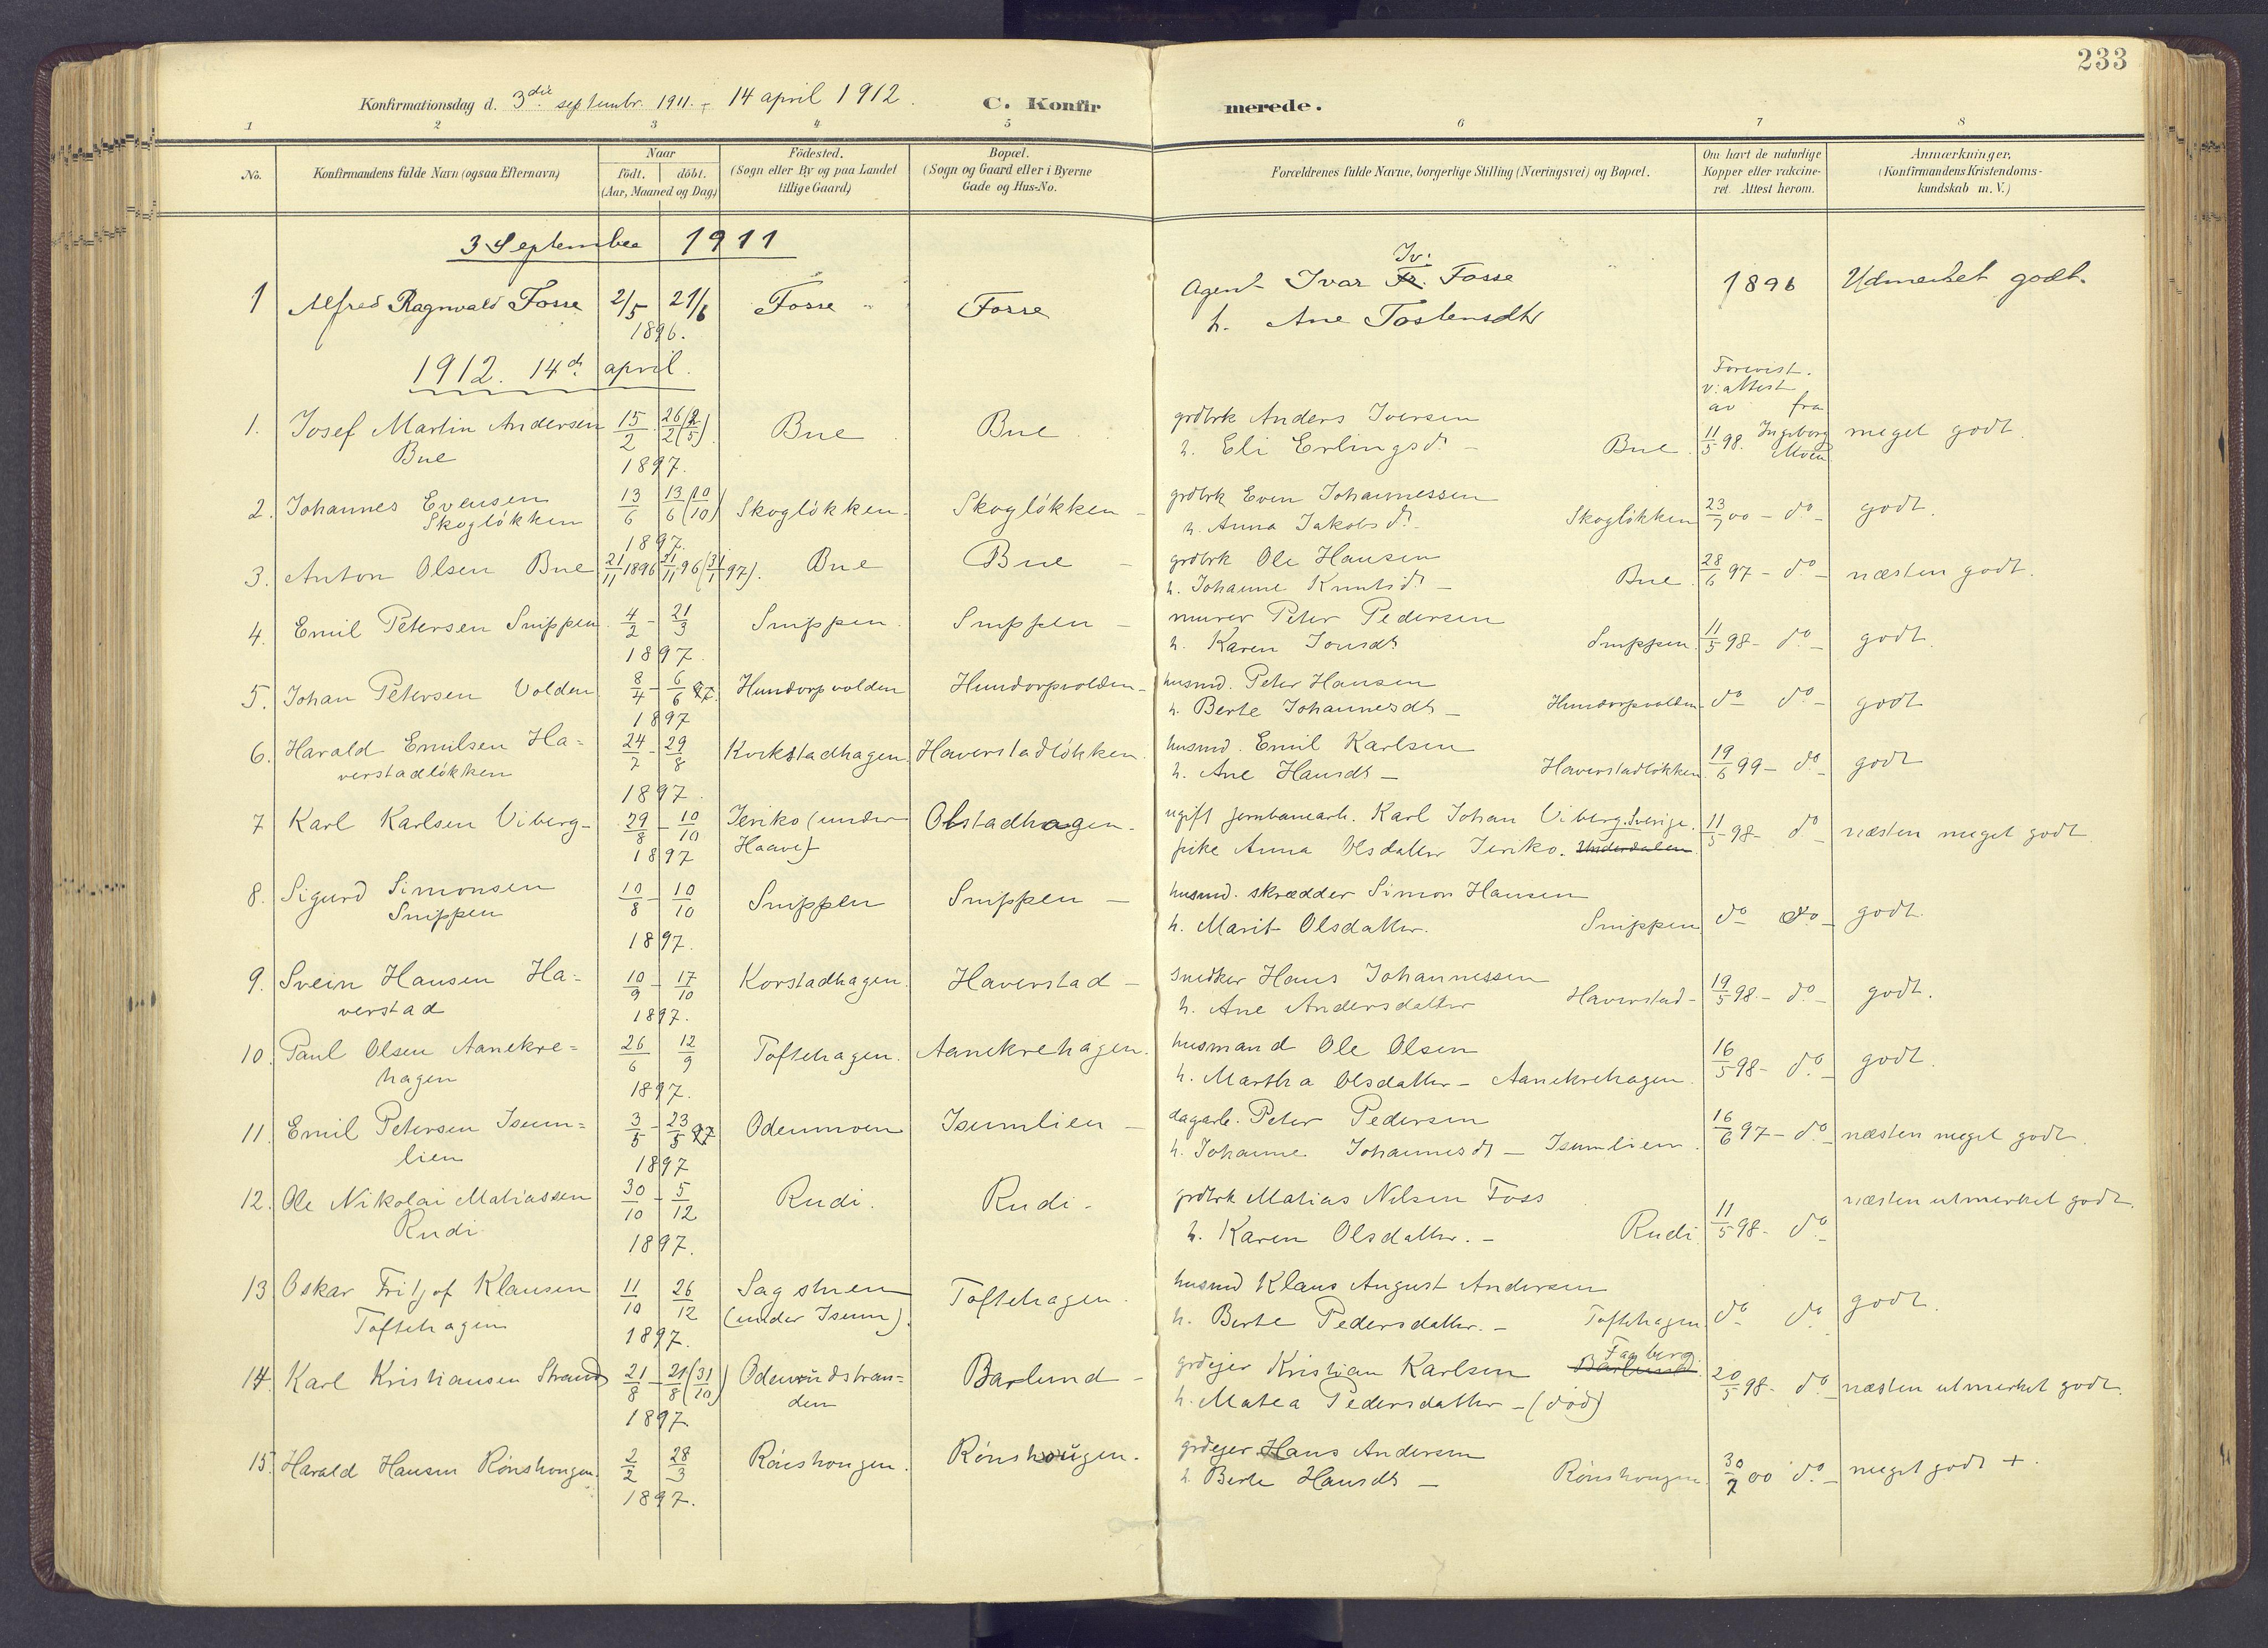 SAH, Sør-Fron prestekontor, H/Ha/Haa/L0004: Ministerialbok nr. 4, 1898-1919, s. 233